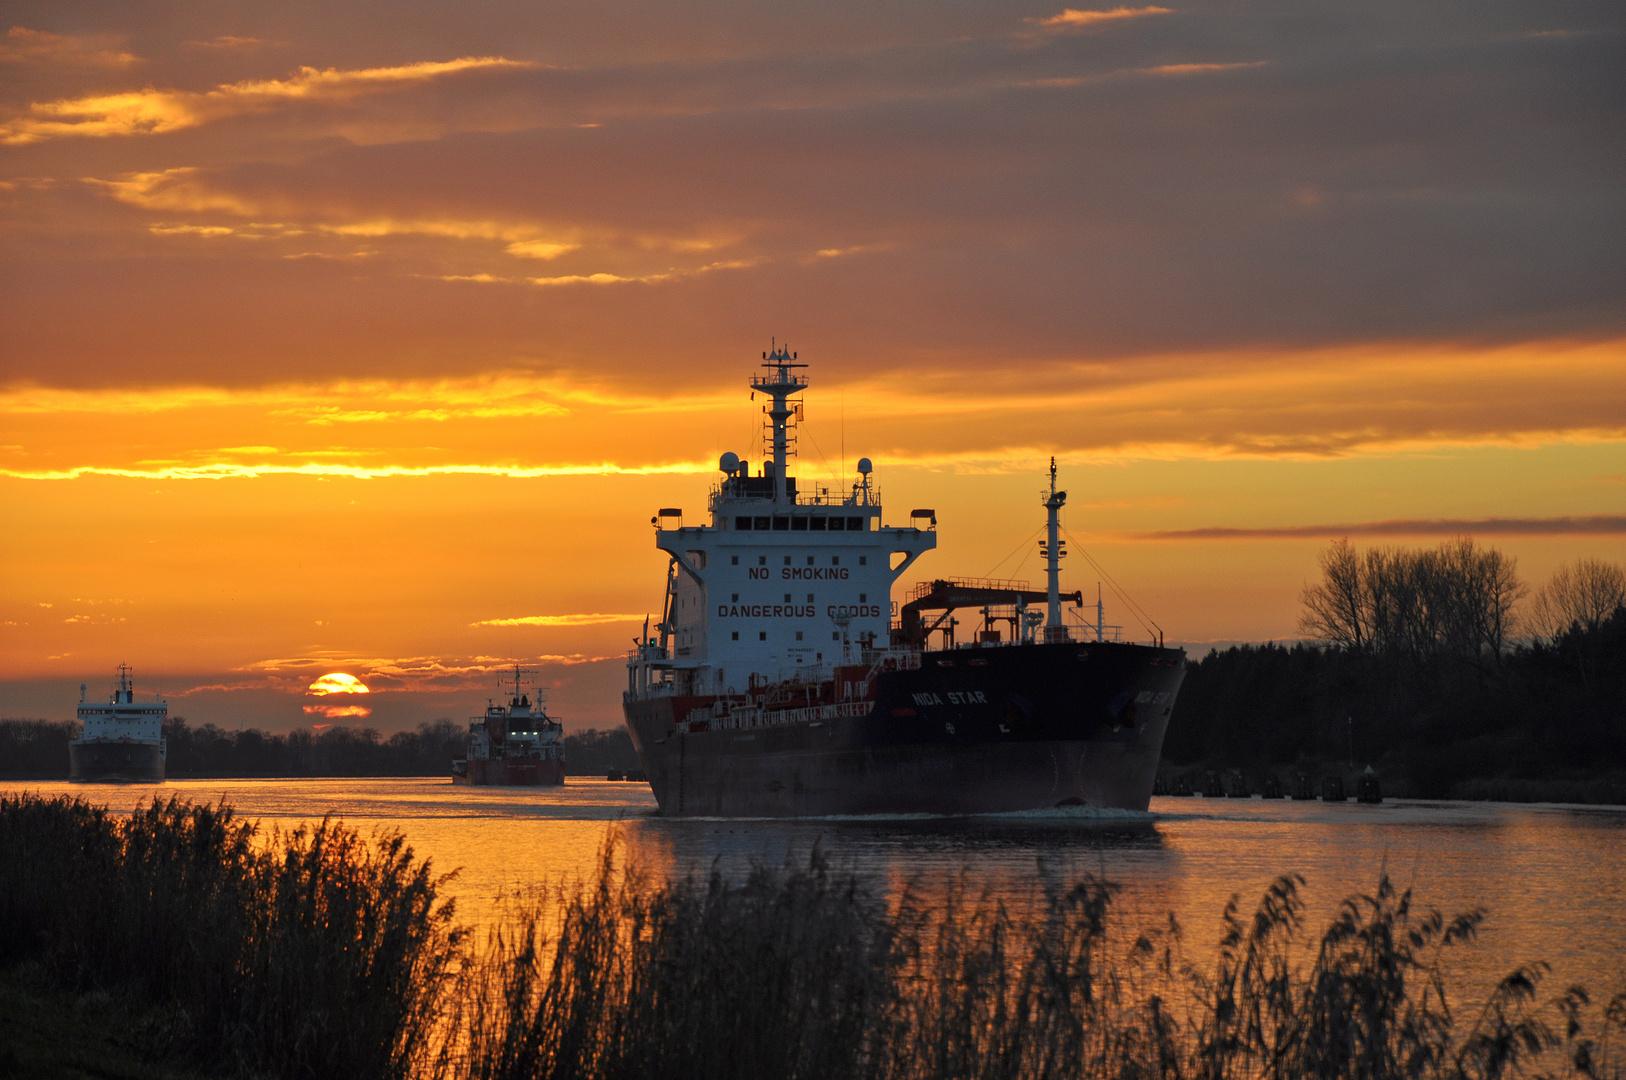 Sonnenuntergang am Nord-Ostsee-Kanal